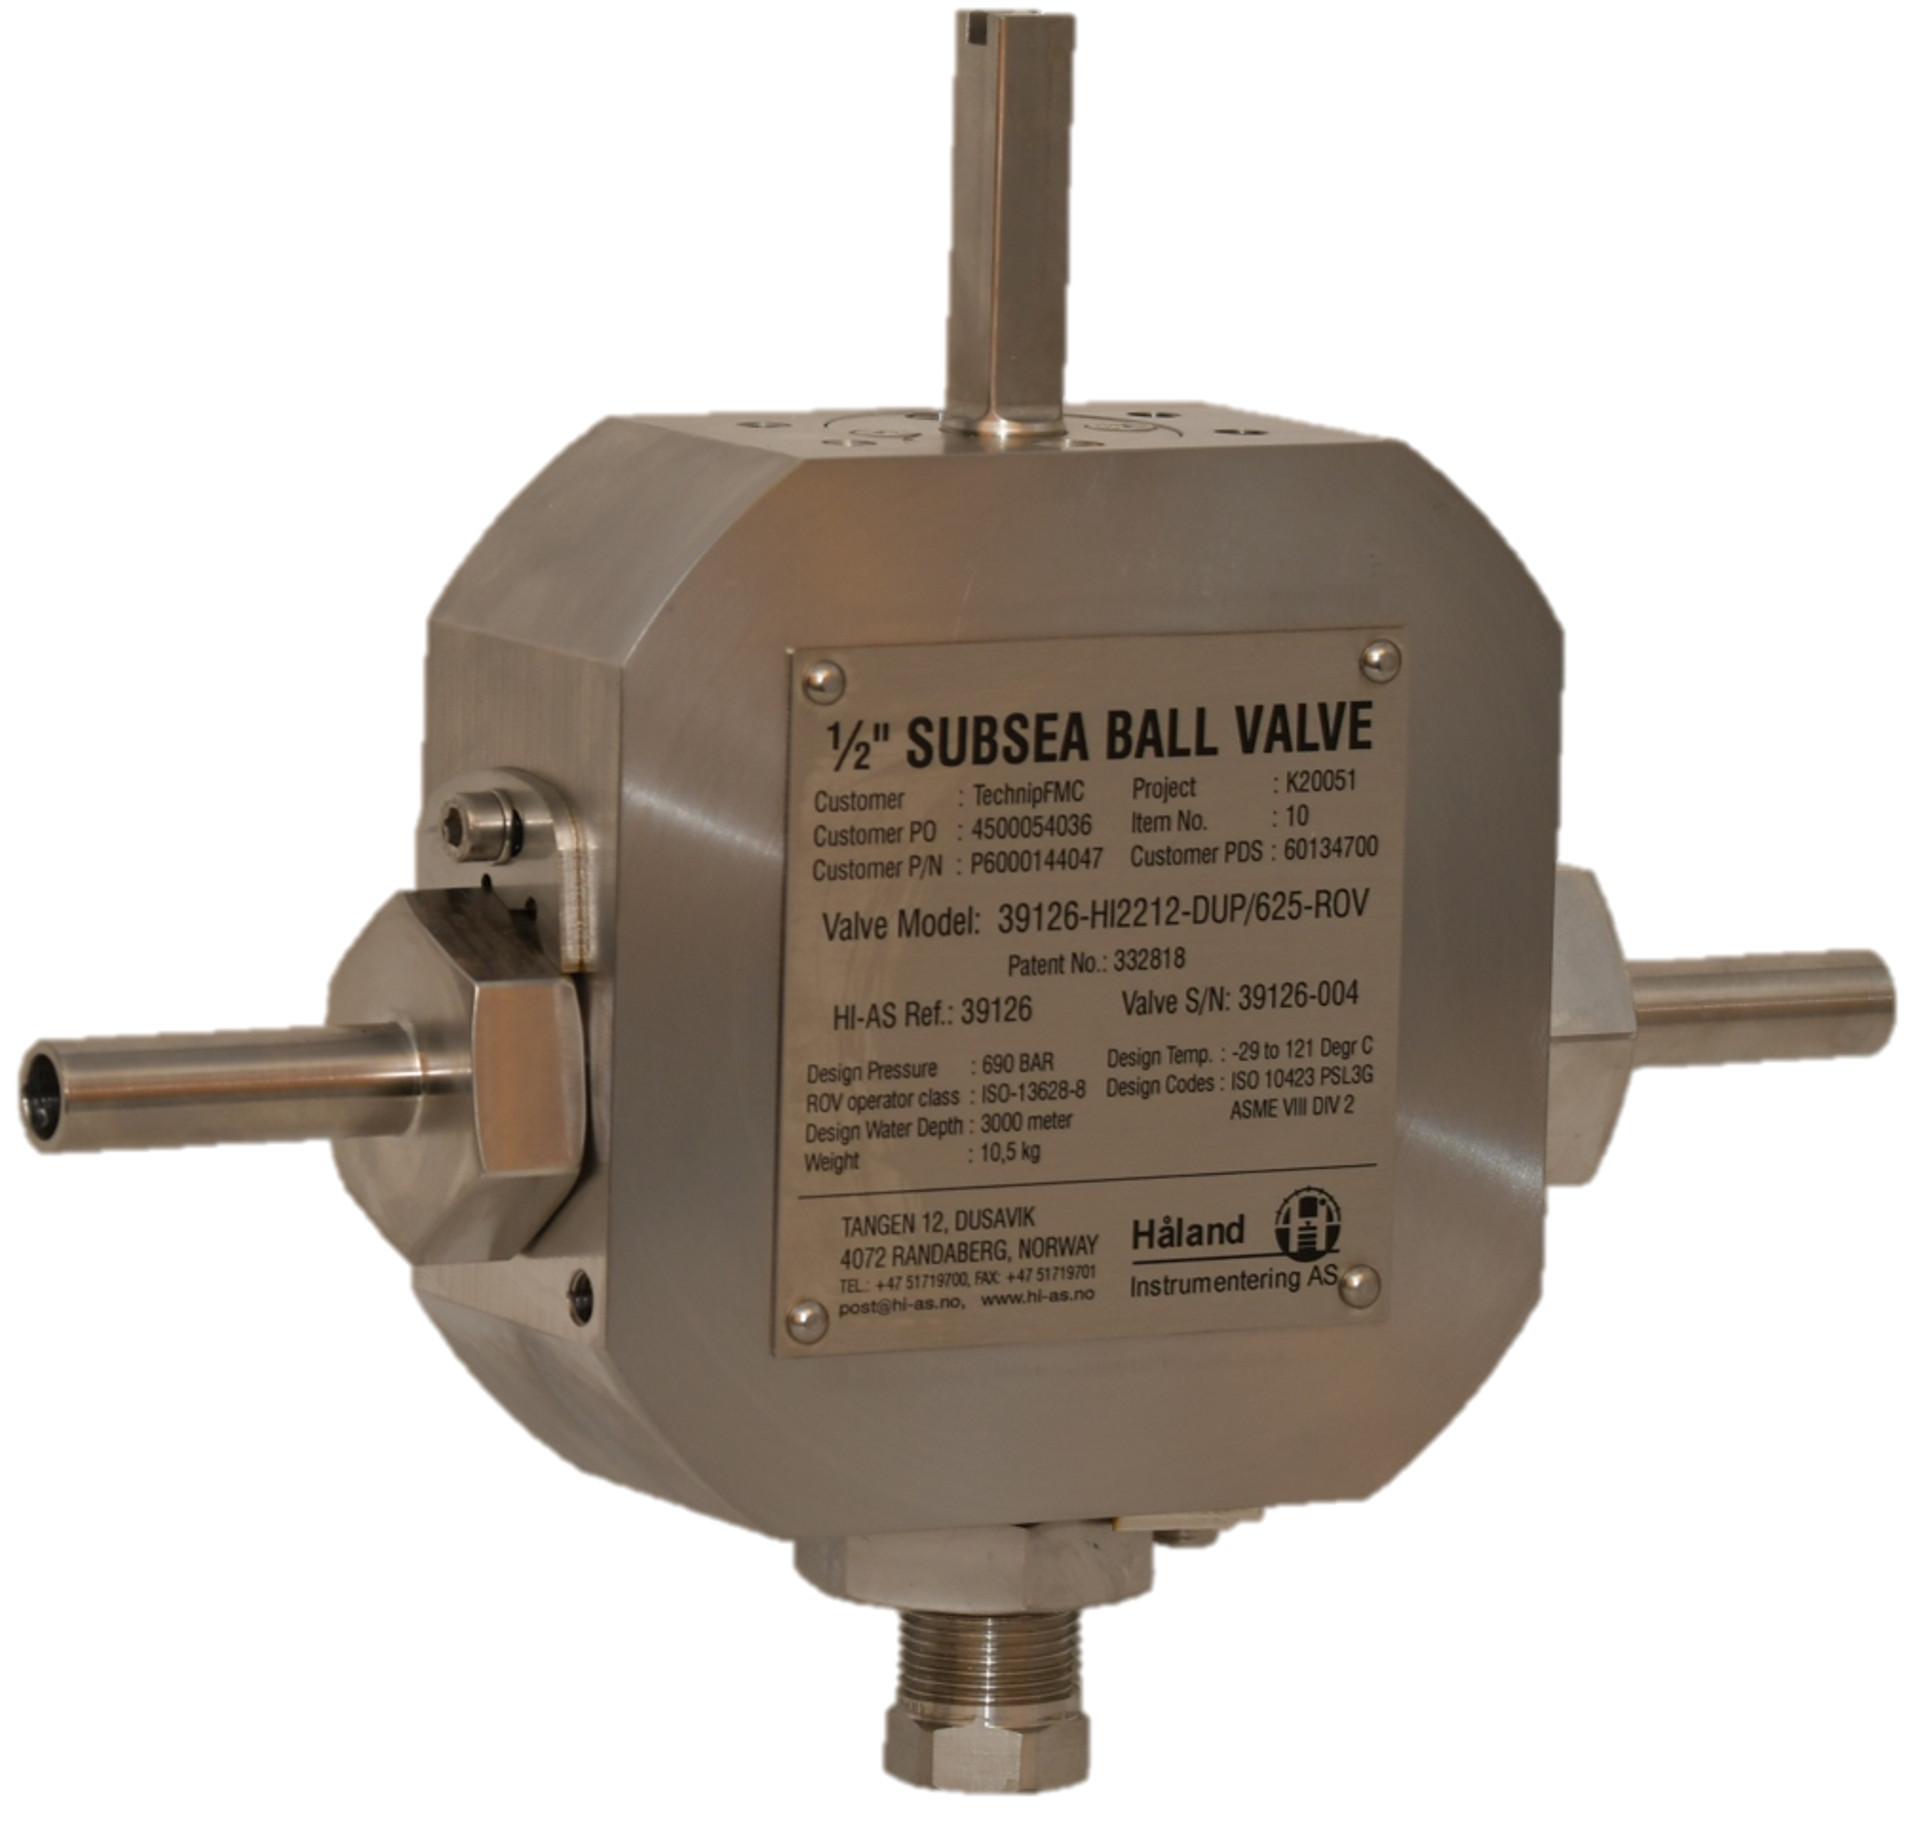 subsea ROV operated kuleventil ballvalve elastomerfree manifold wellhead tree subsea high temperature pressure